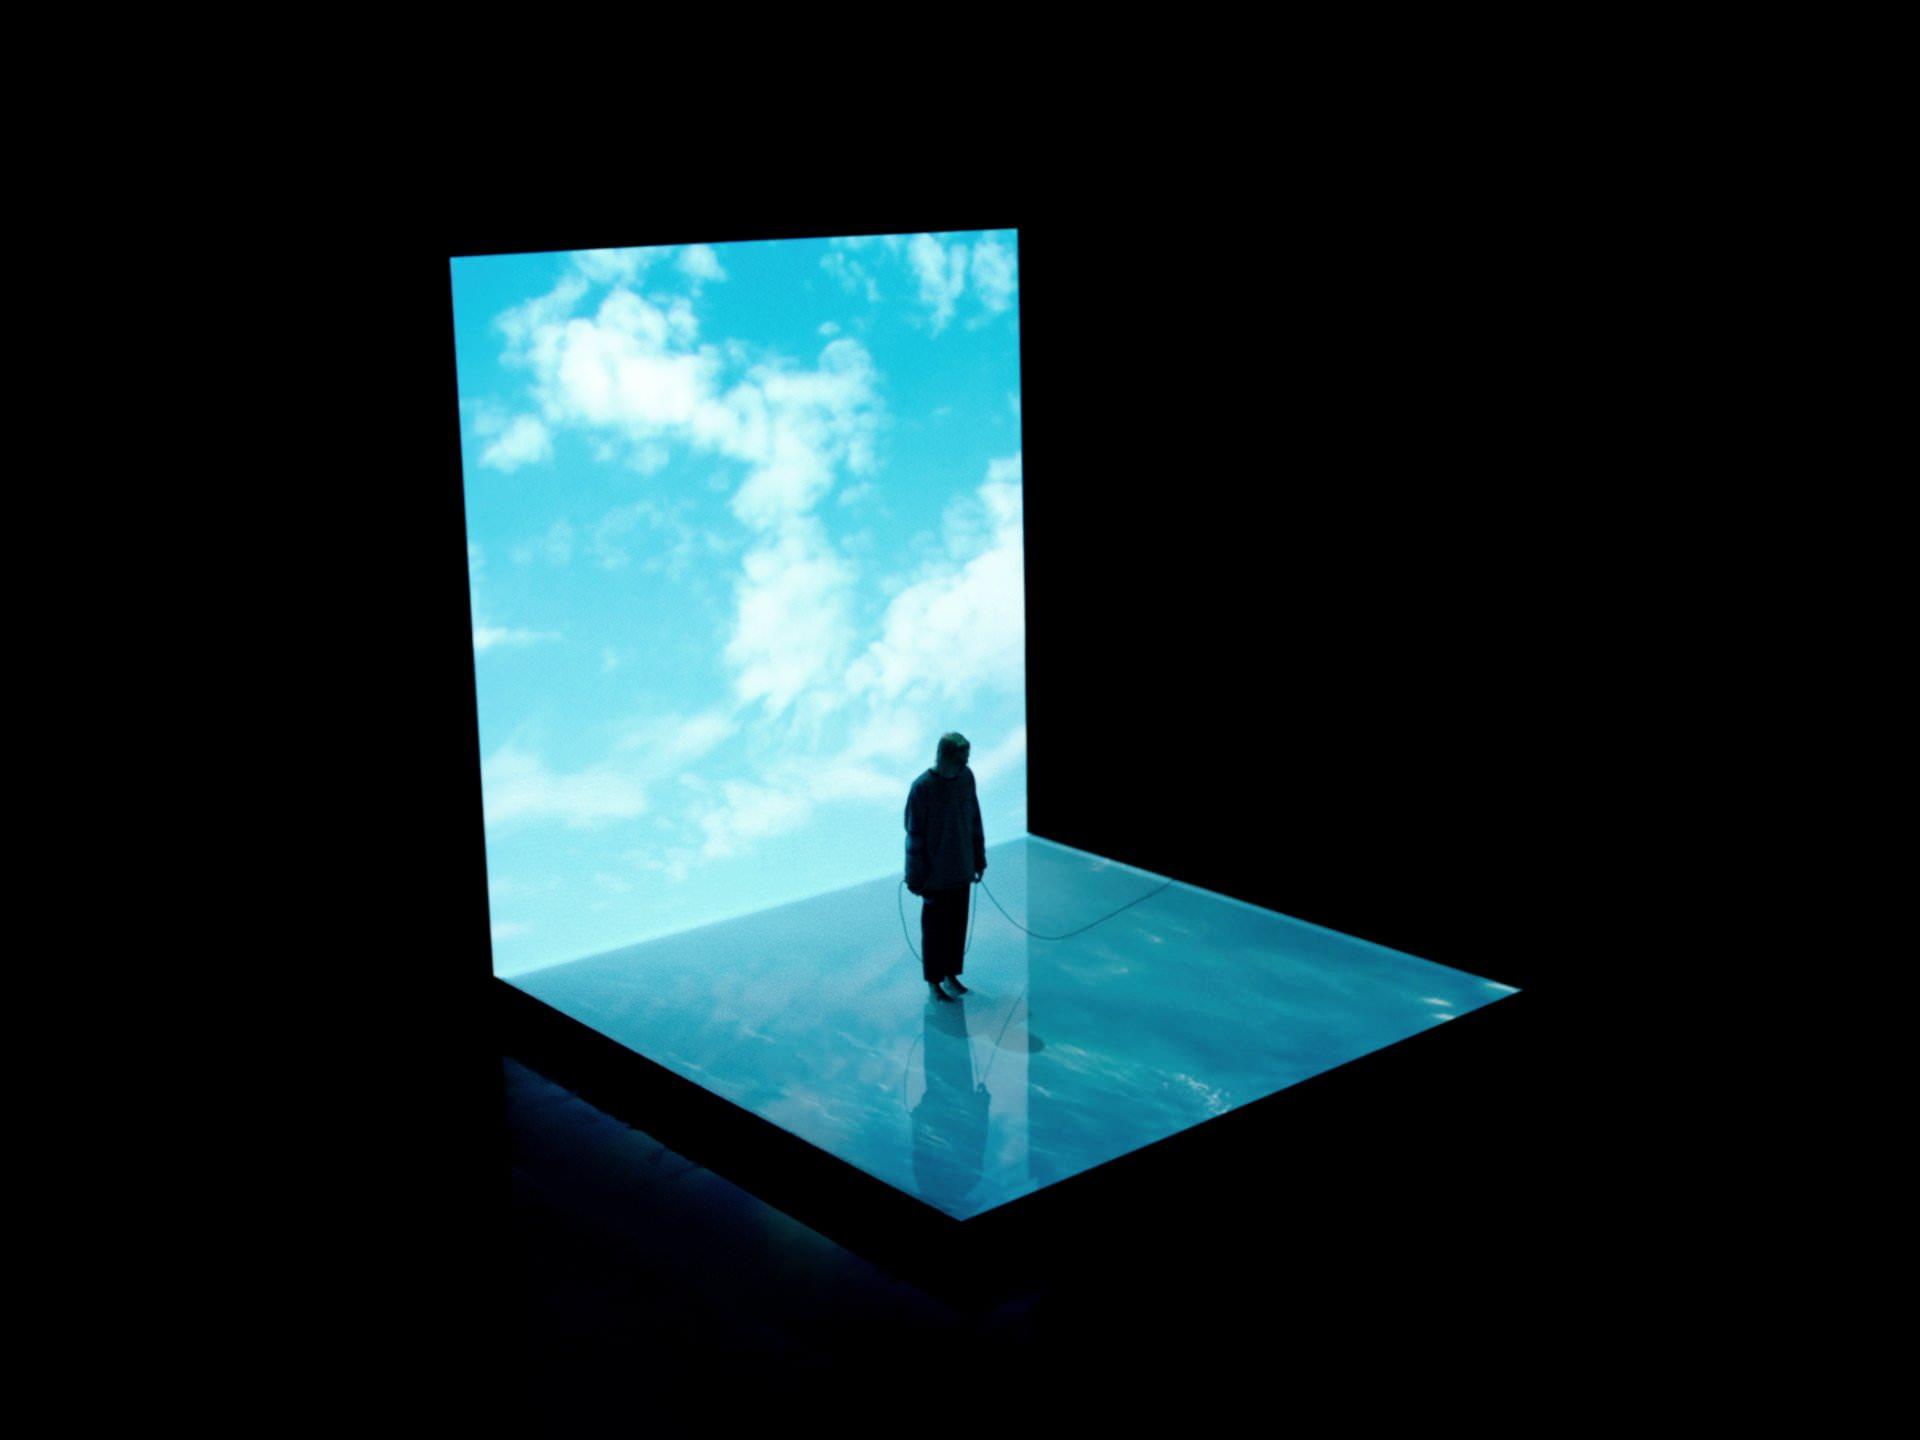 Porter Robinson lanza su nuevo álbum de estudio: Nurture - Majo Montemayor